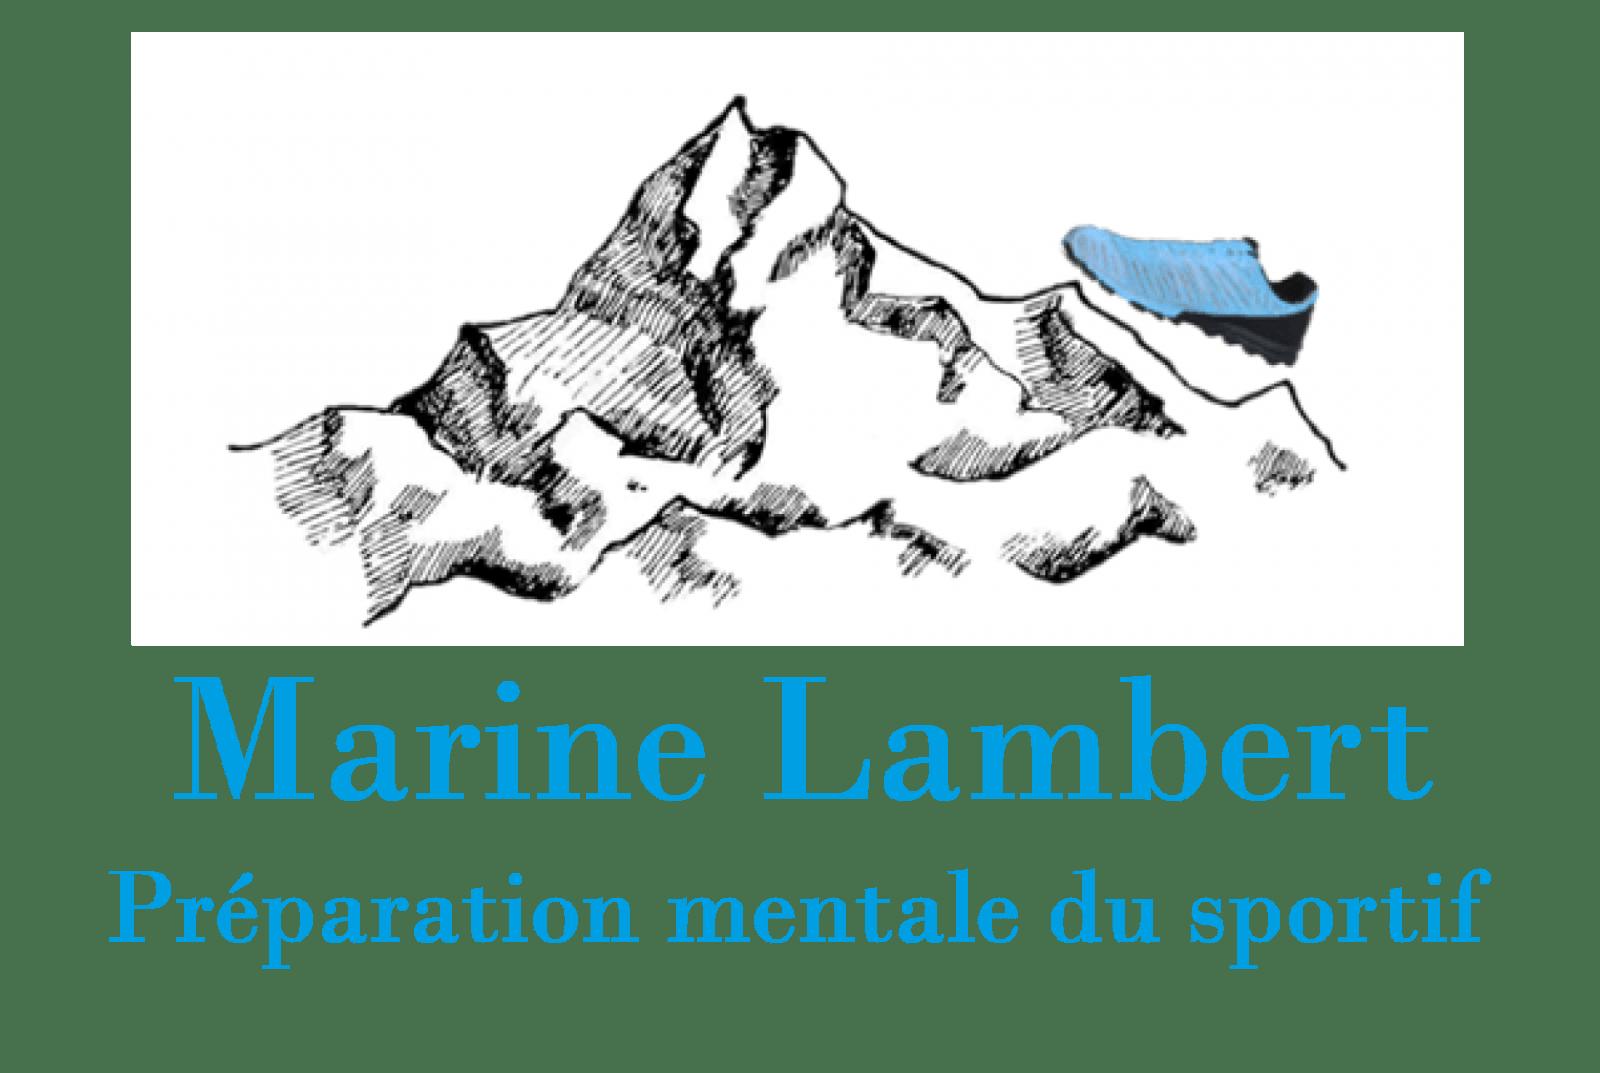 Marine Lambert